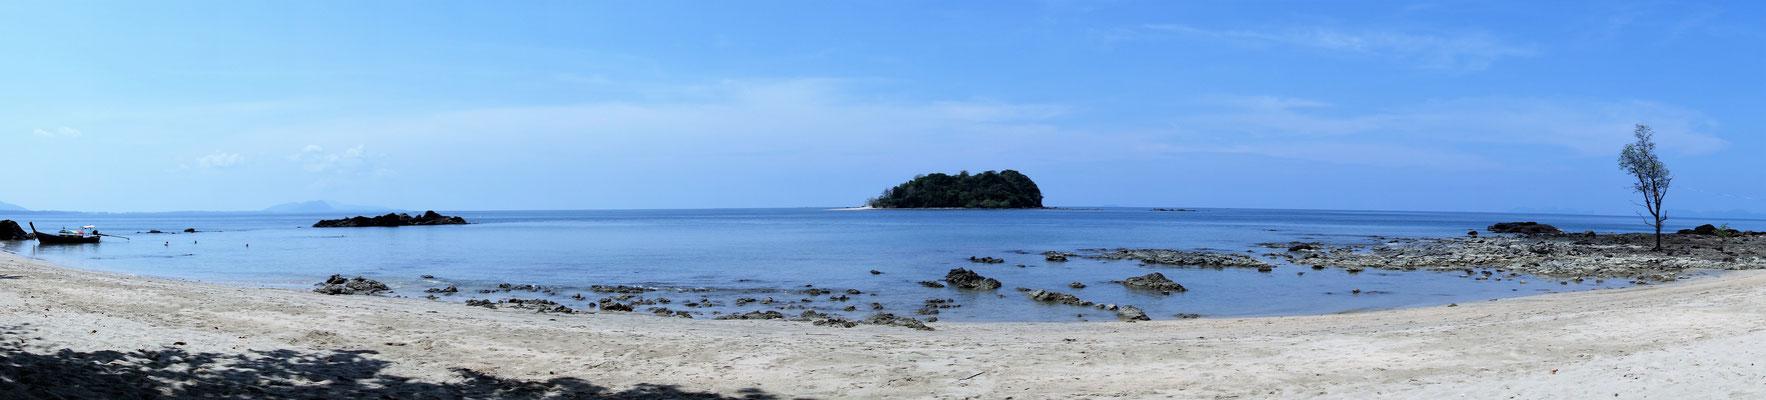 Alleine mit dem Meer